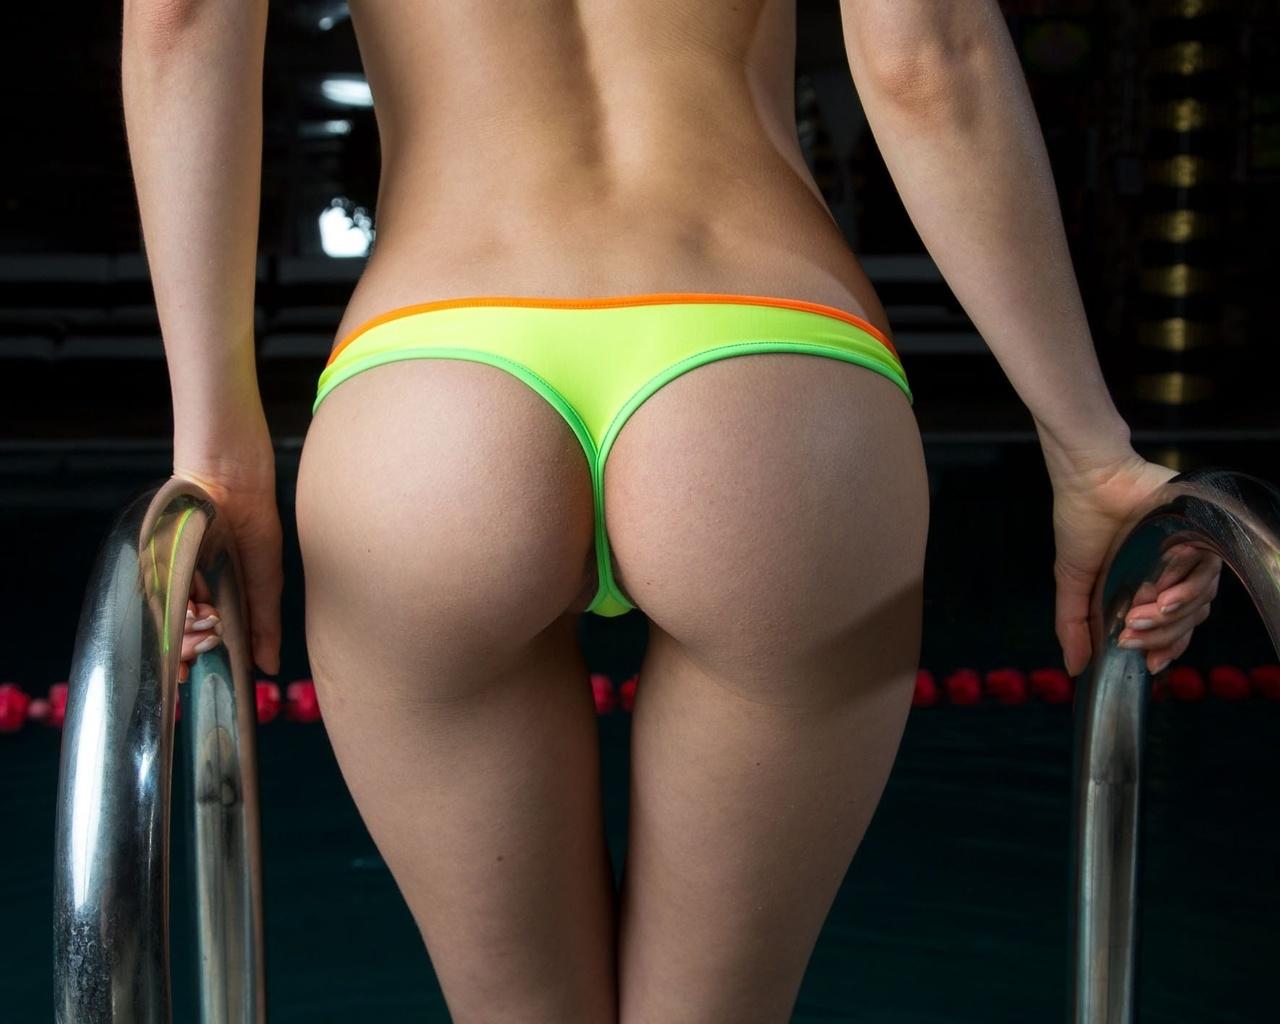 Фото стринги на попе, Шикарные попки девушек в стрингахсекси фото 22 фотография